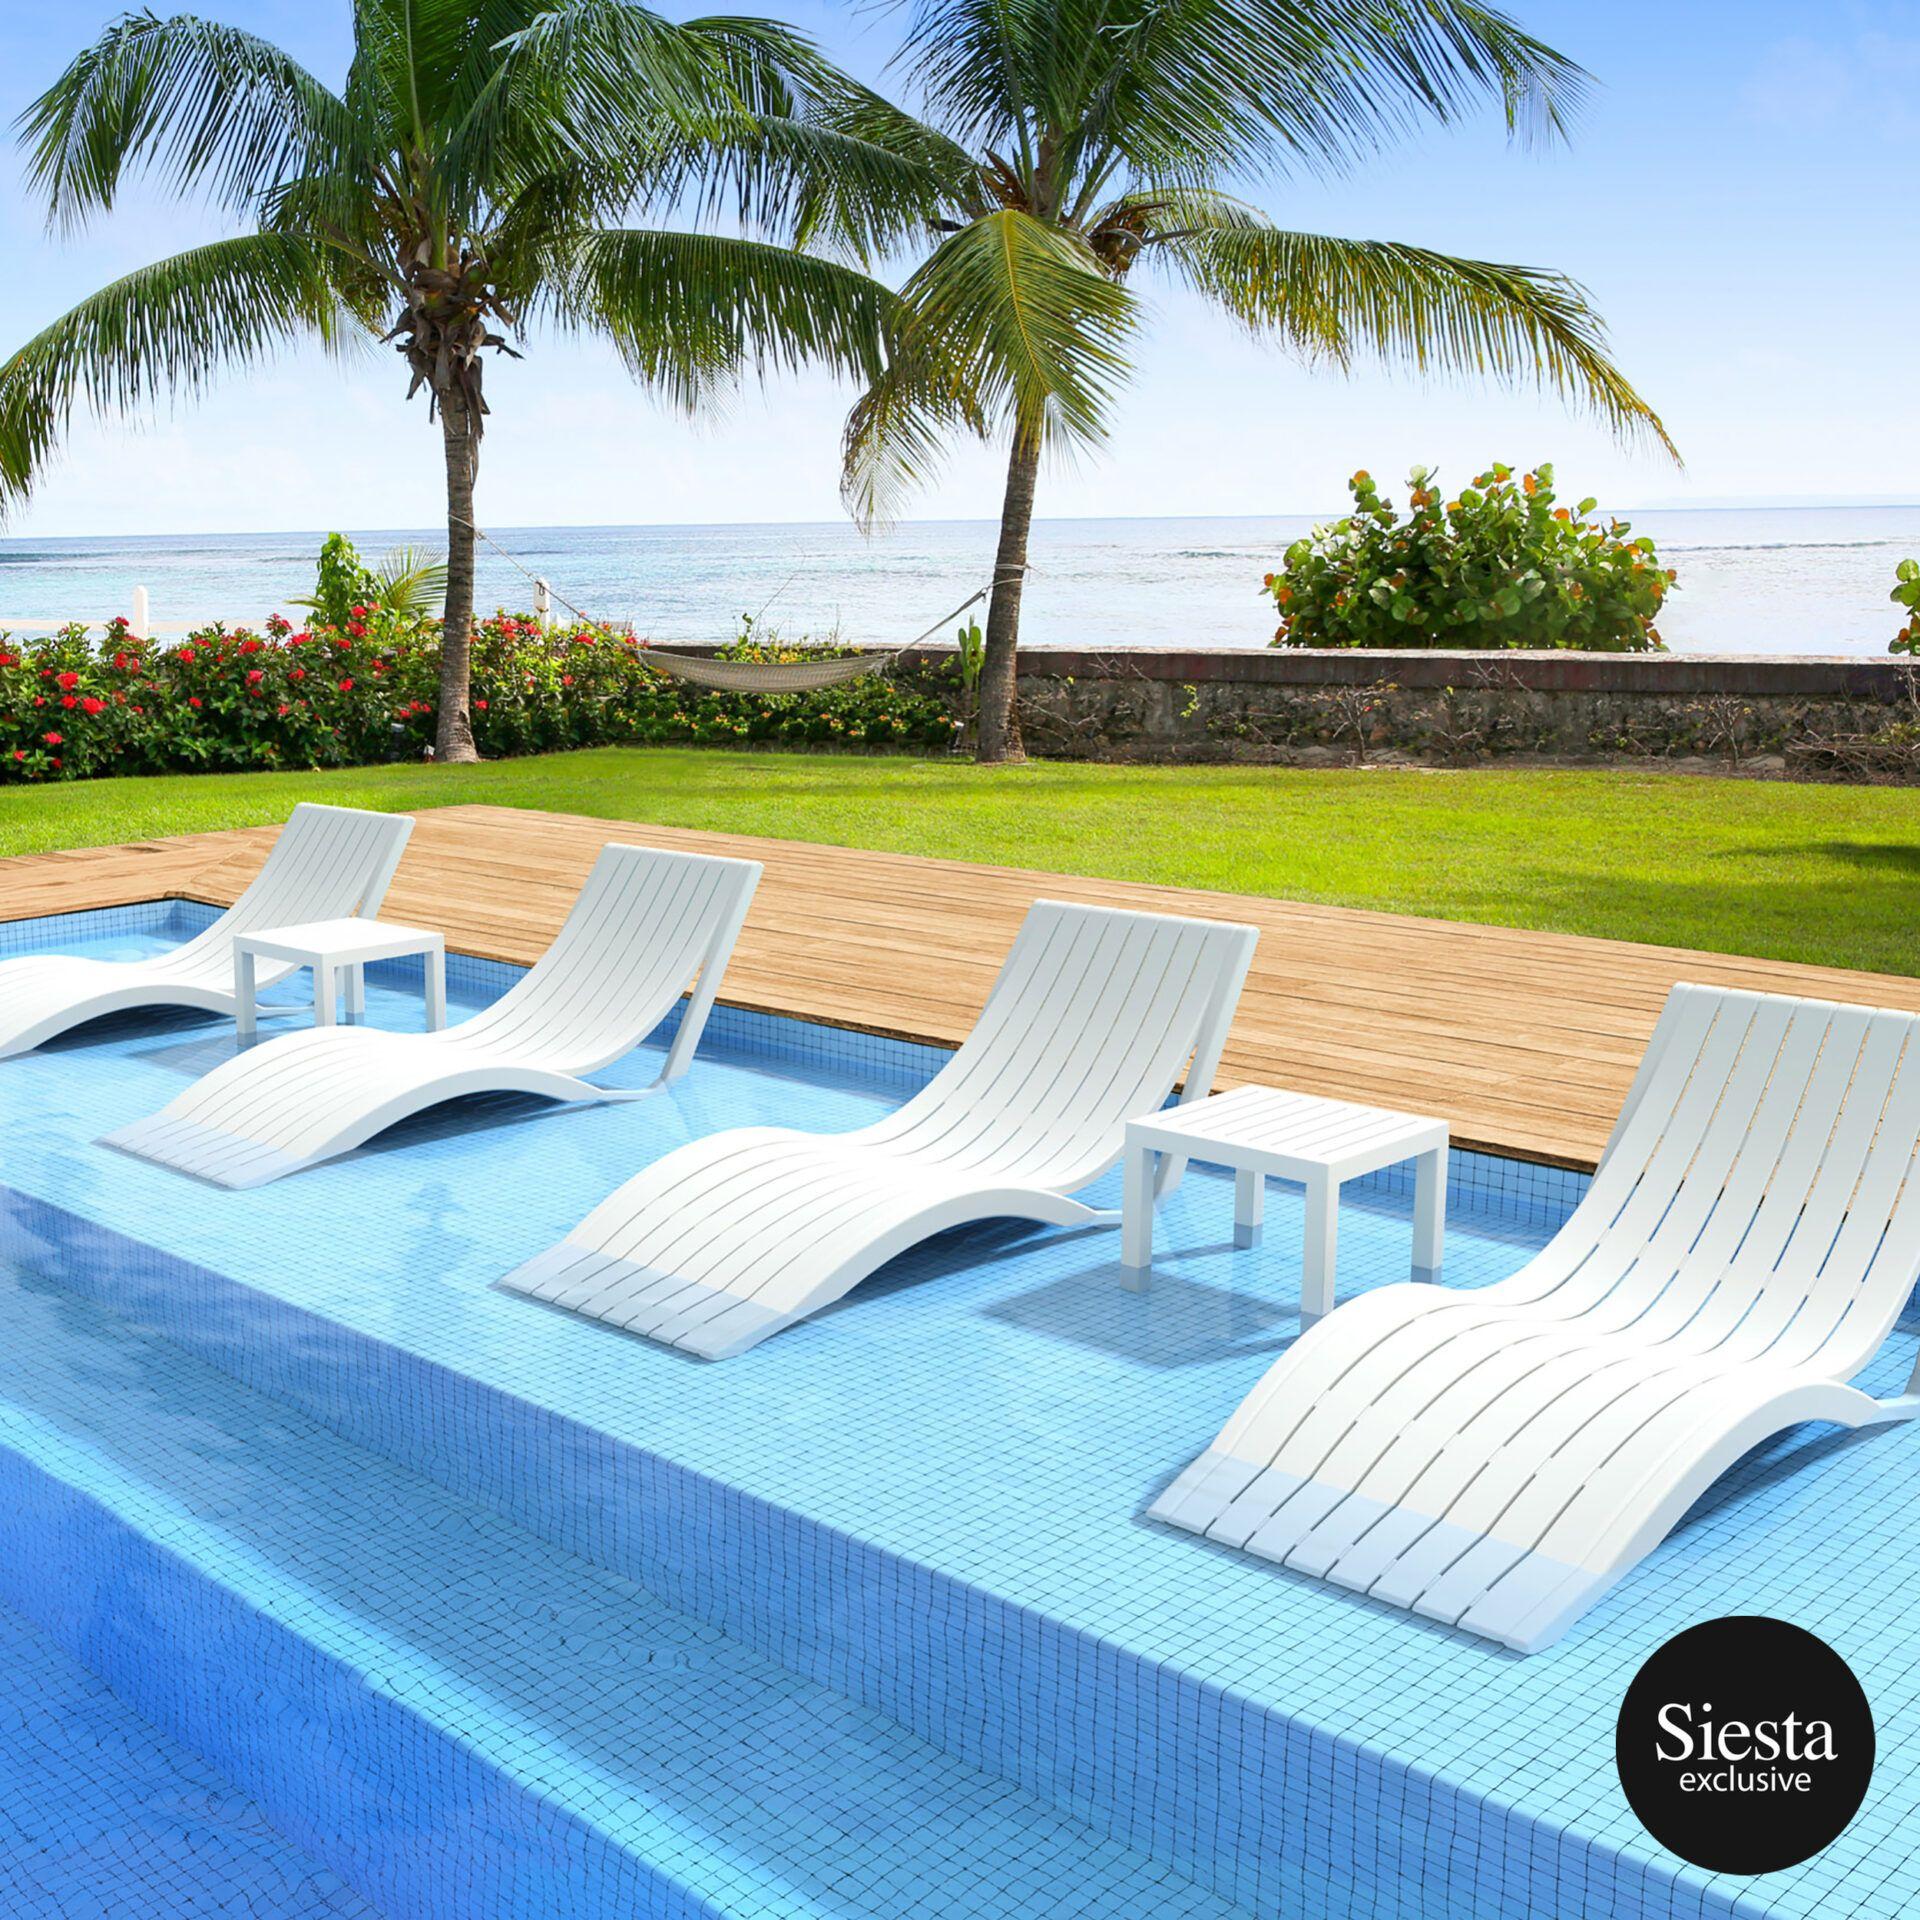 812 slim ocean side table